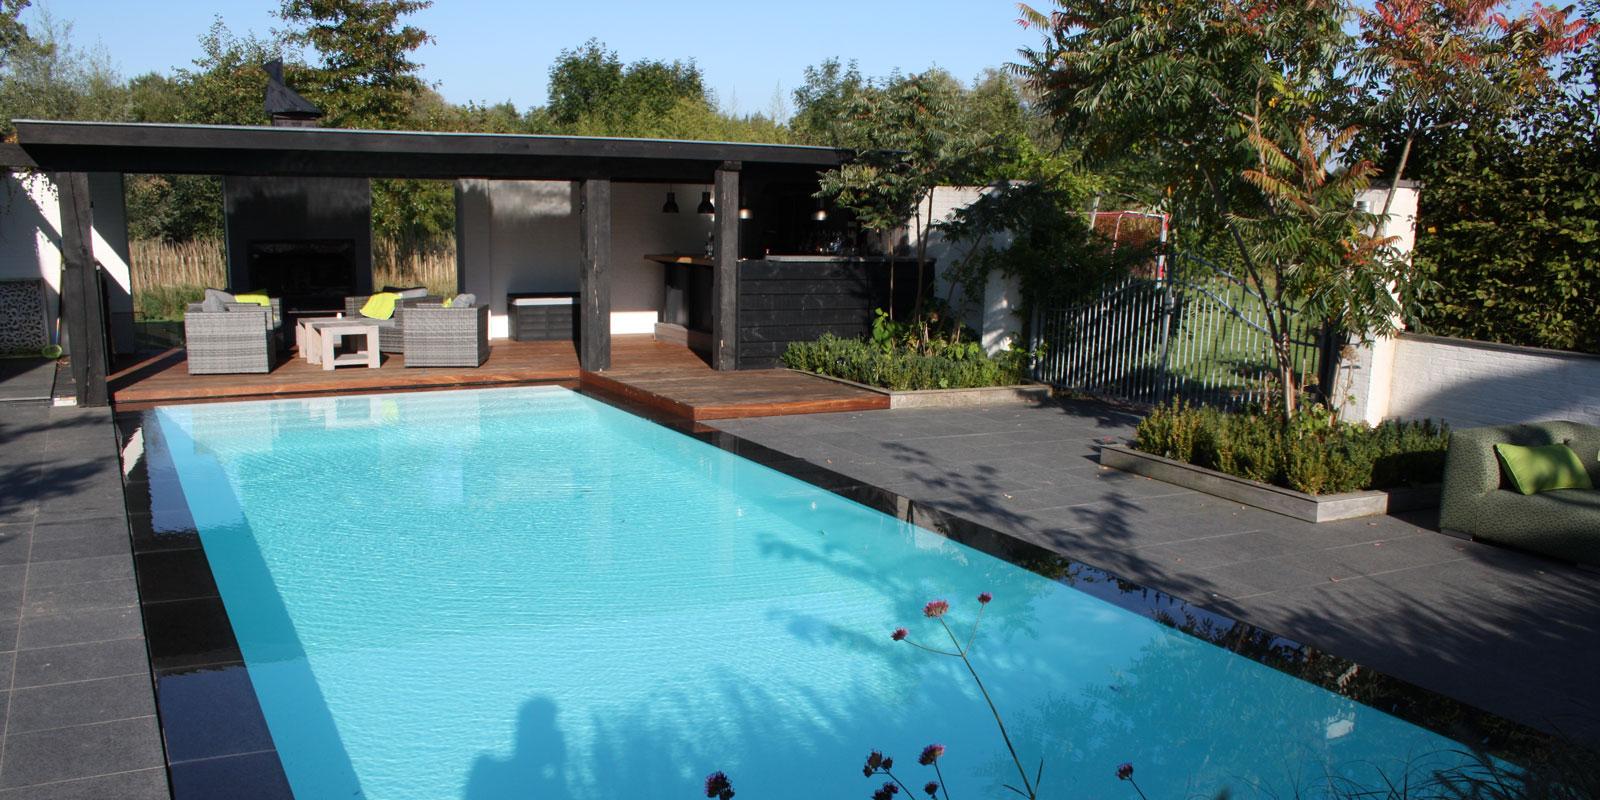 Zwembad in de tuin, Thermostar, binnenzwembad, buitenzwembad, antraciet, luxe, exclusief, zwemmen